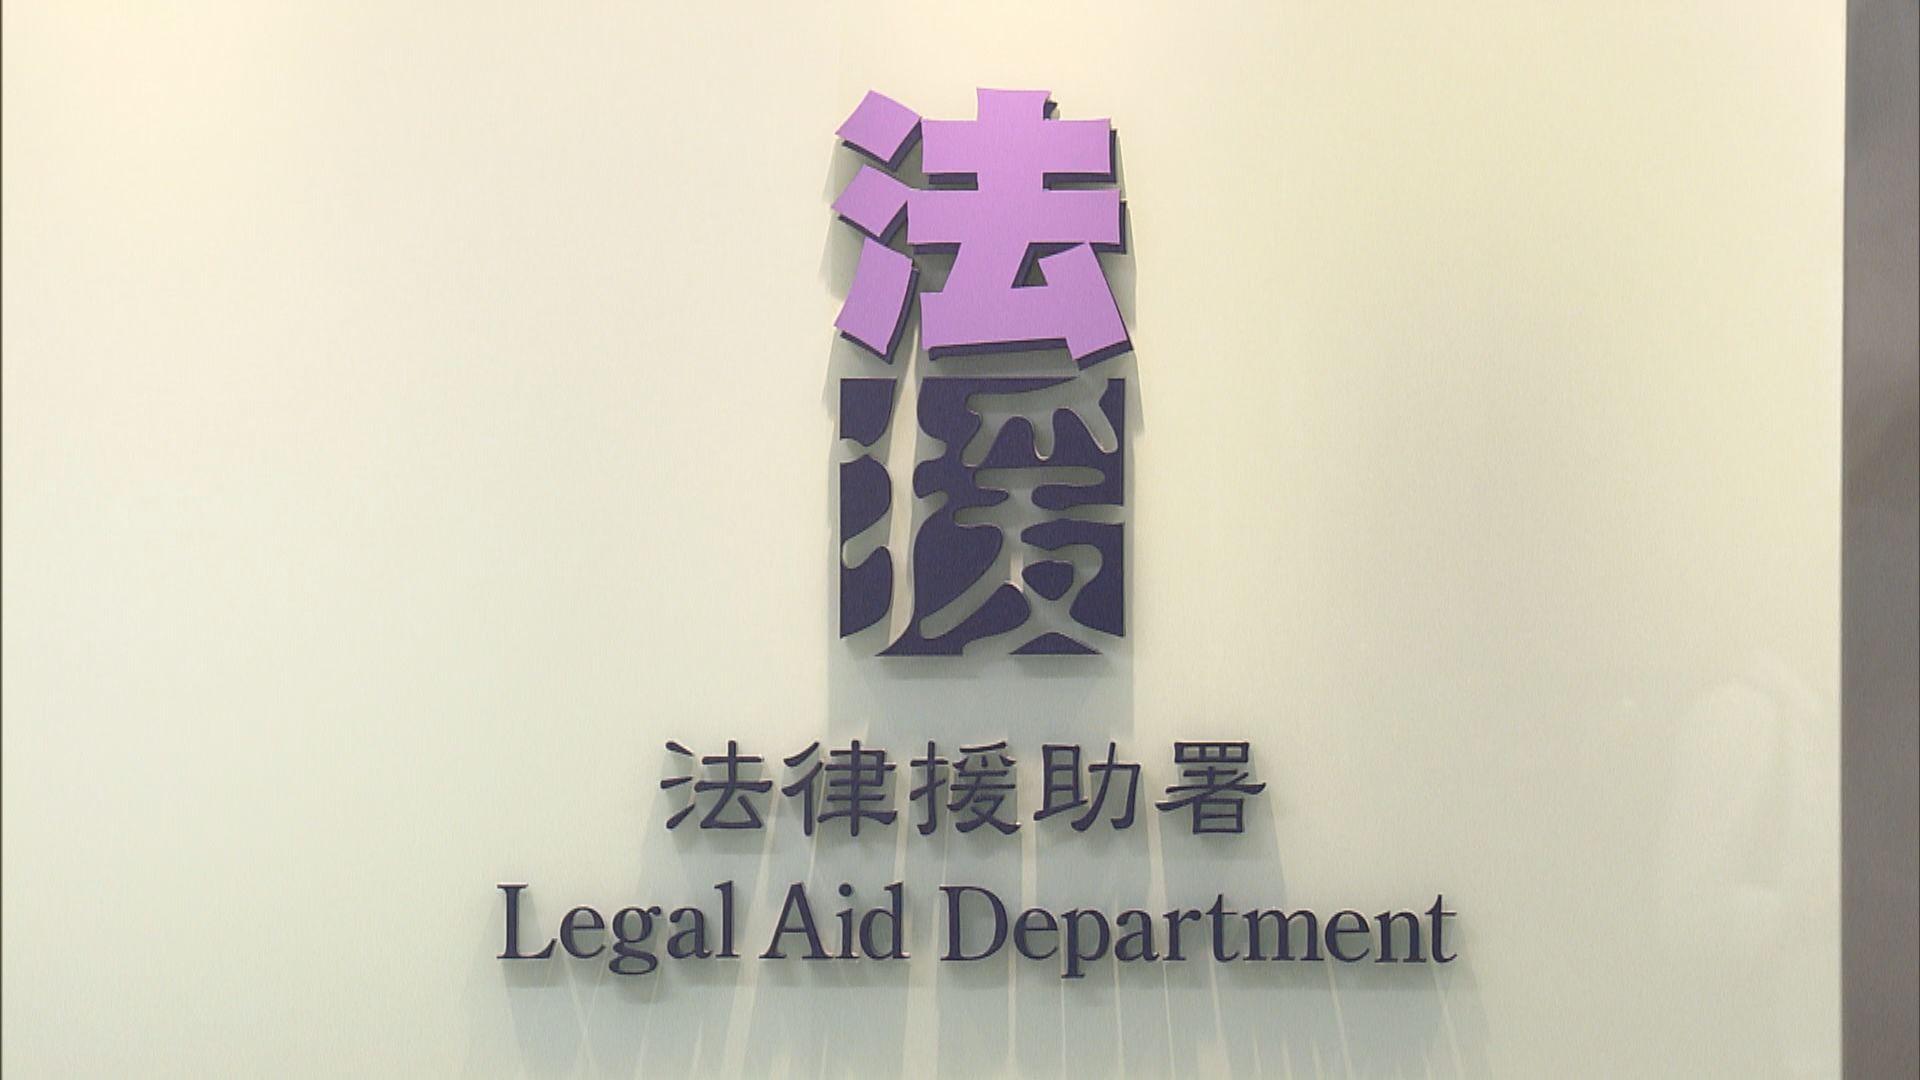 政府擬改法援制度 減少每名律師每年最多可接法援民事案數目